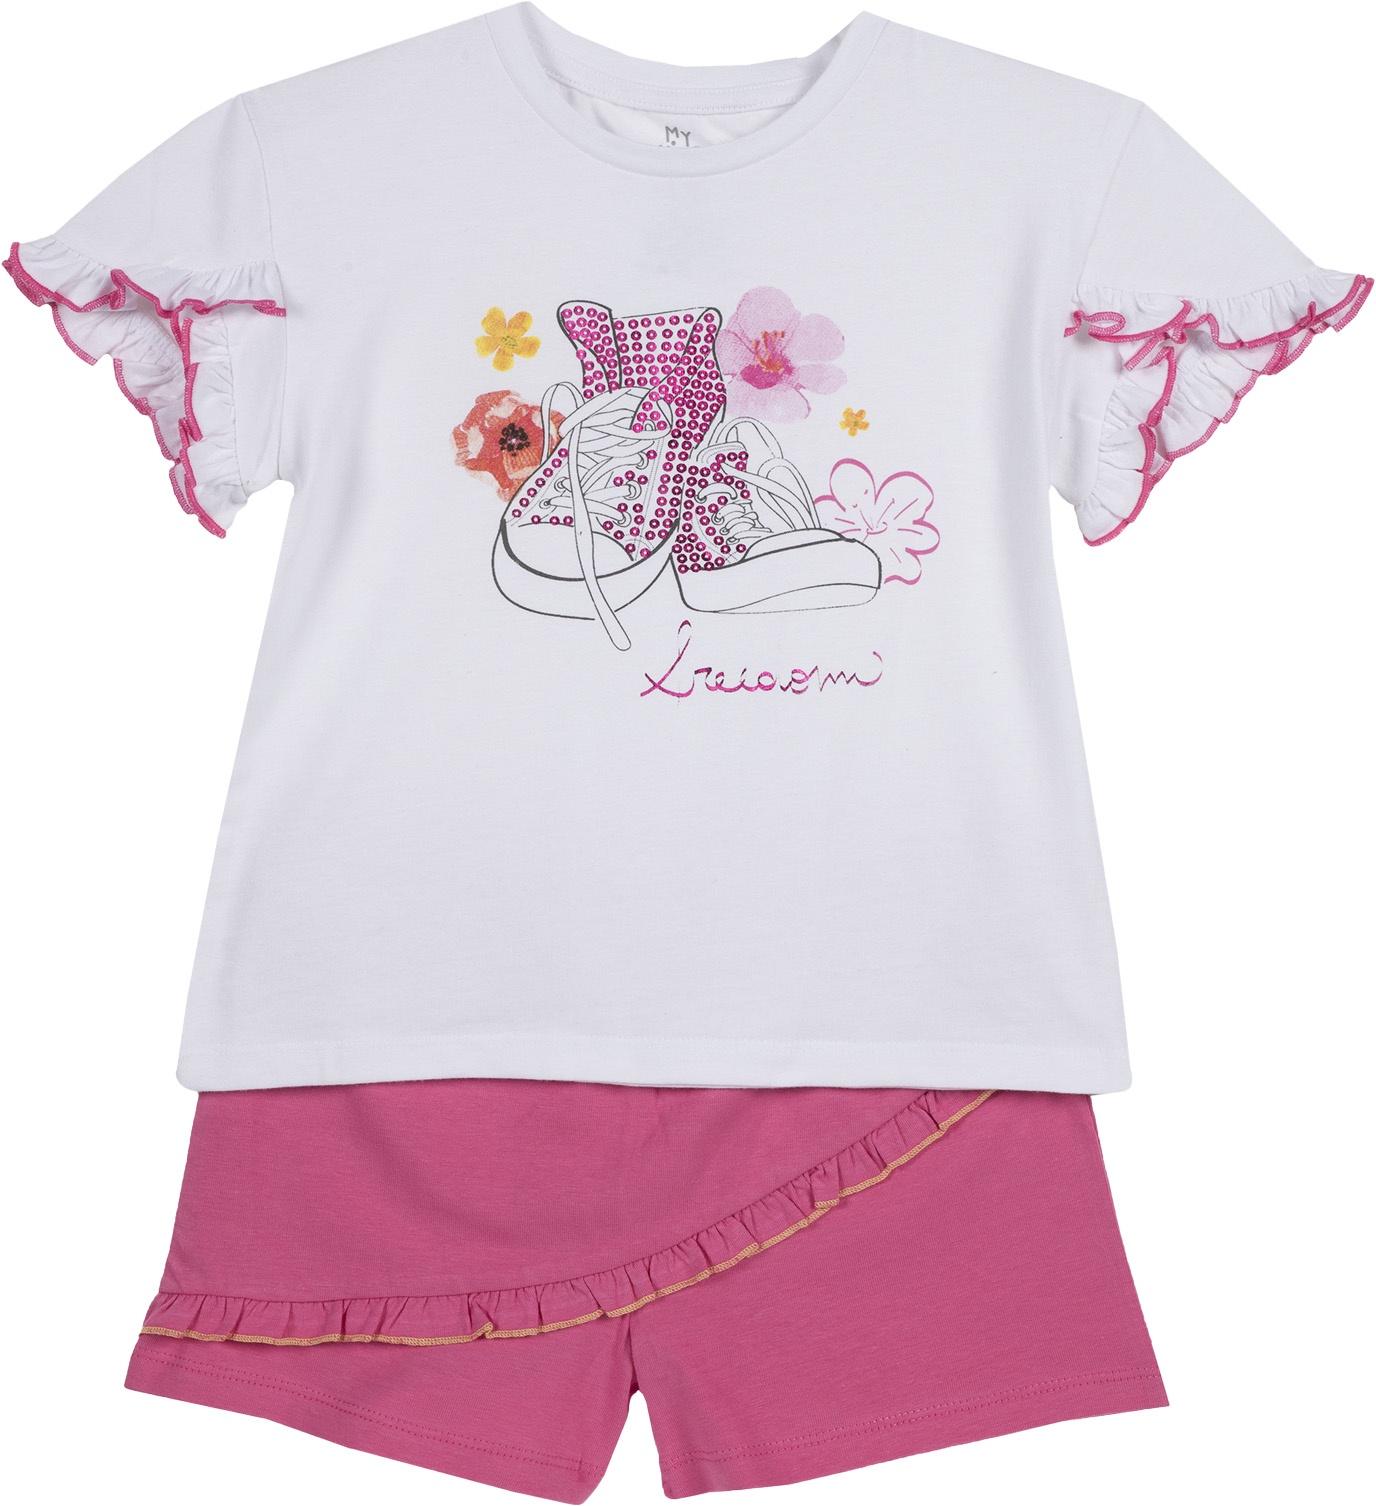 Комплект одежды Chicco мужские футболки с пайетками